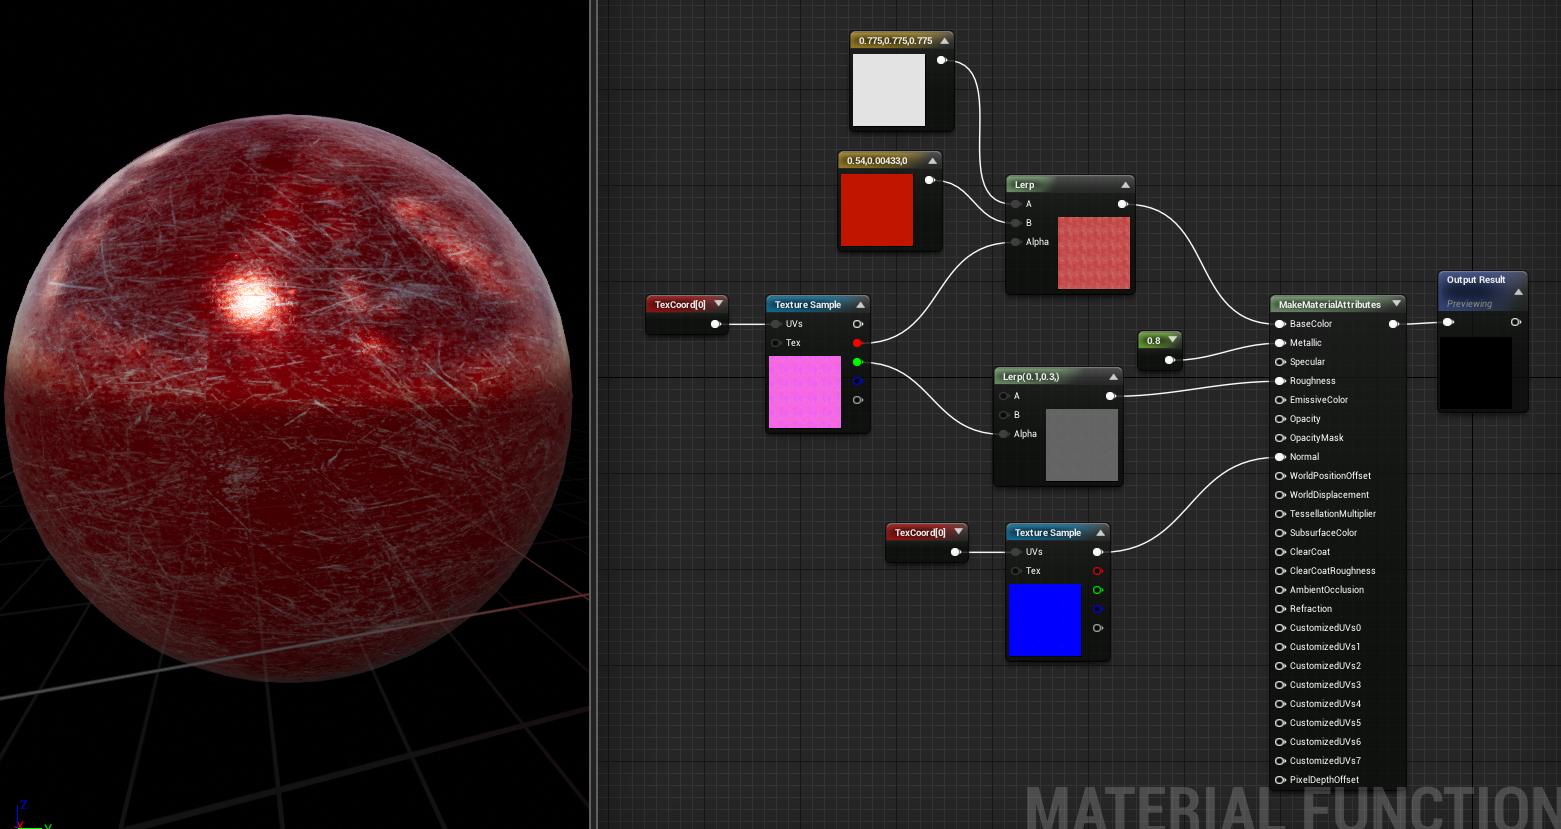 Material Design Tricks In Ue4 Unreal Engine 4 Modelagem